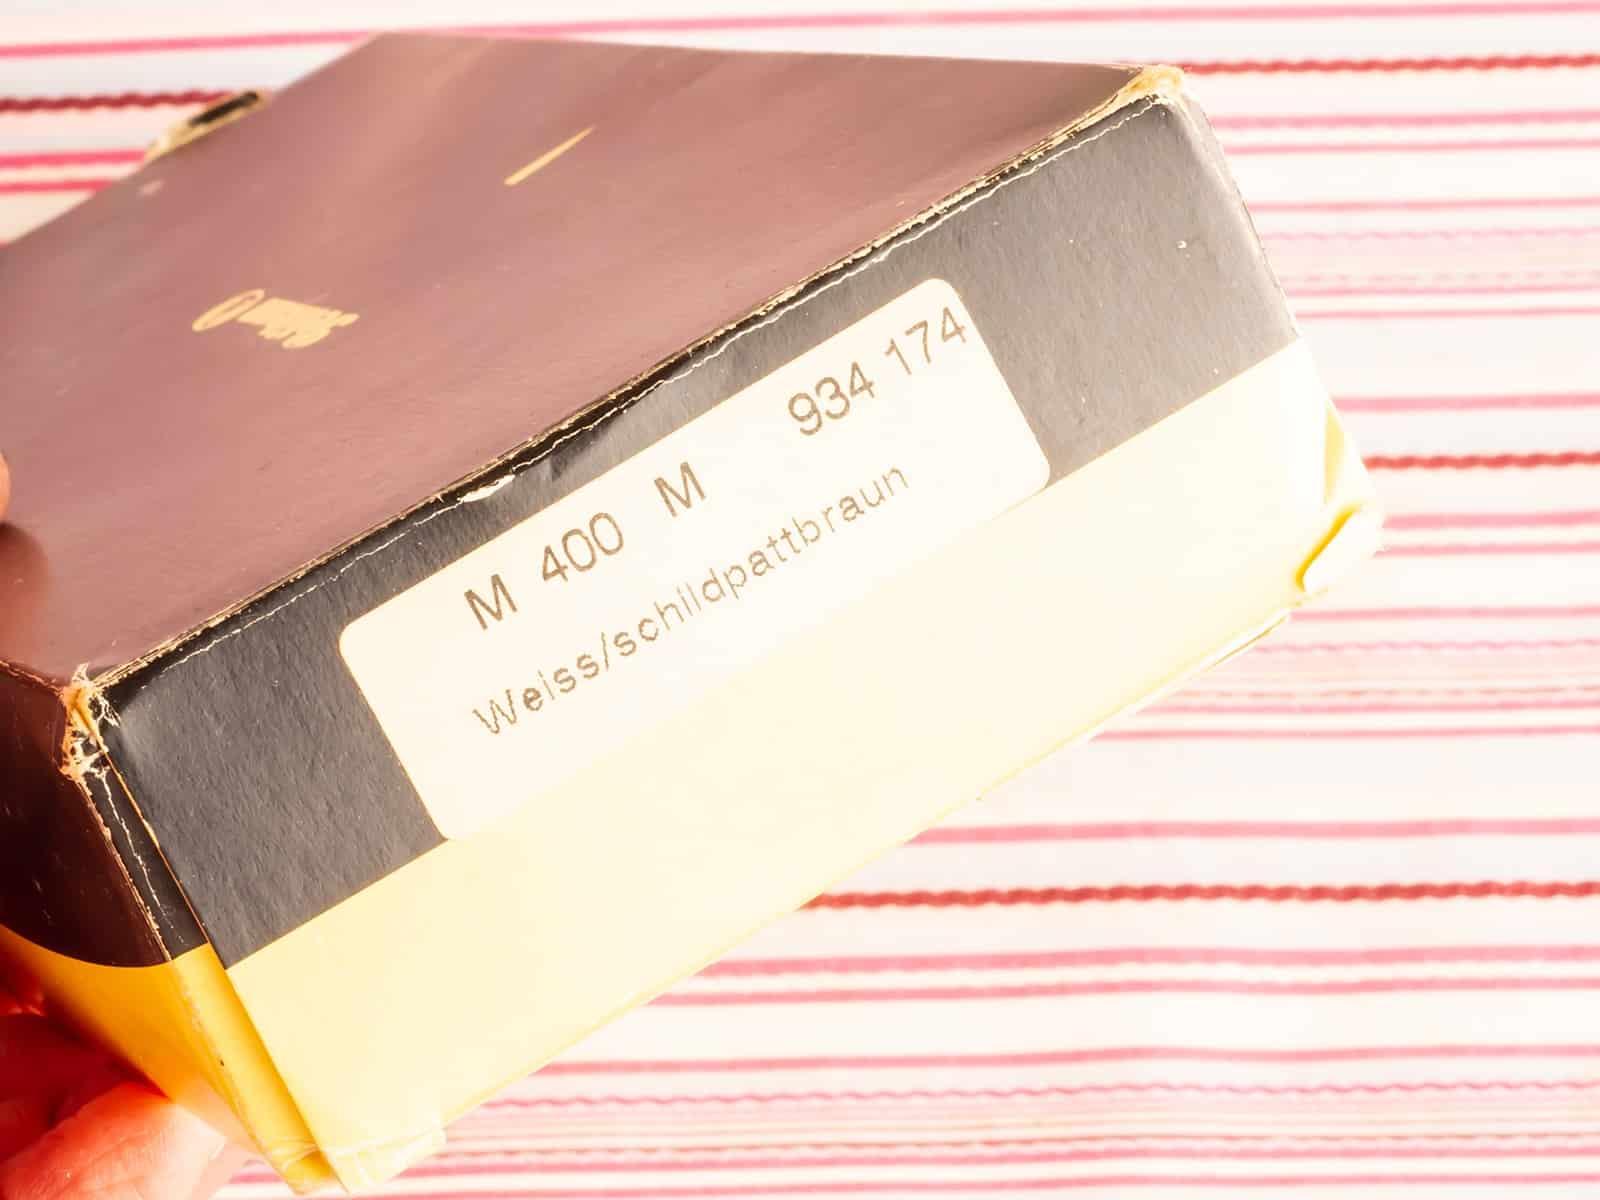 modern vintage pelikan 400 white tortoiseshell 18kt gold fountain pen new old stock box set